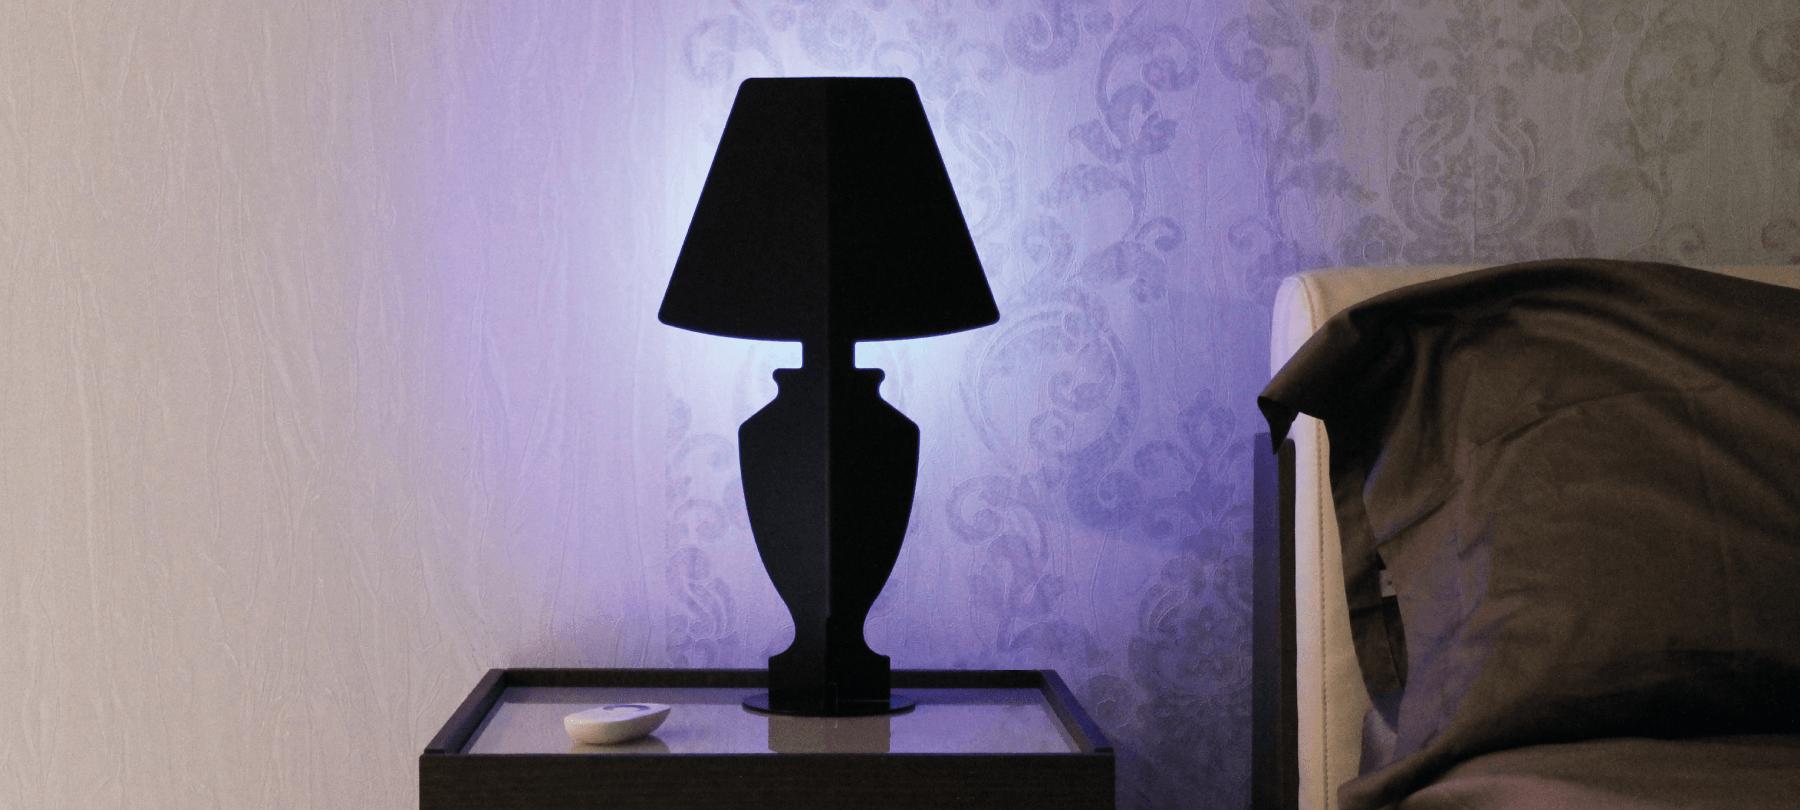 Come illuminare la camera da letto: Idee e consigli per fare la ...